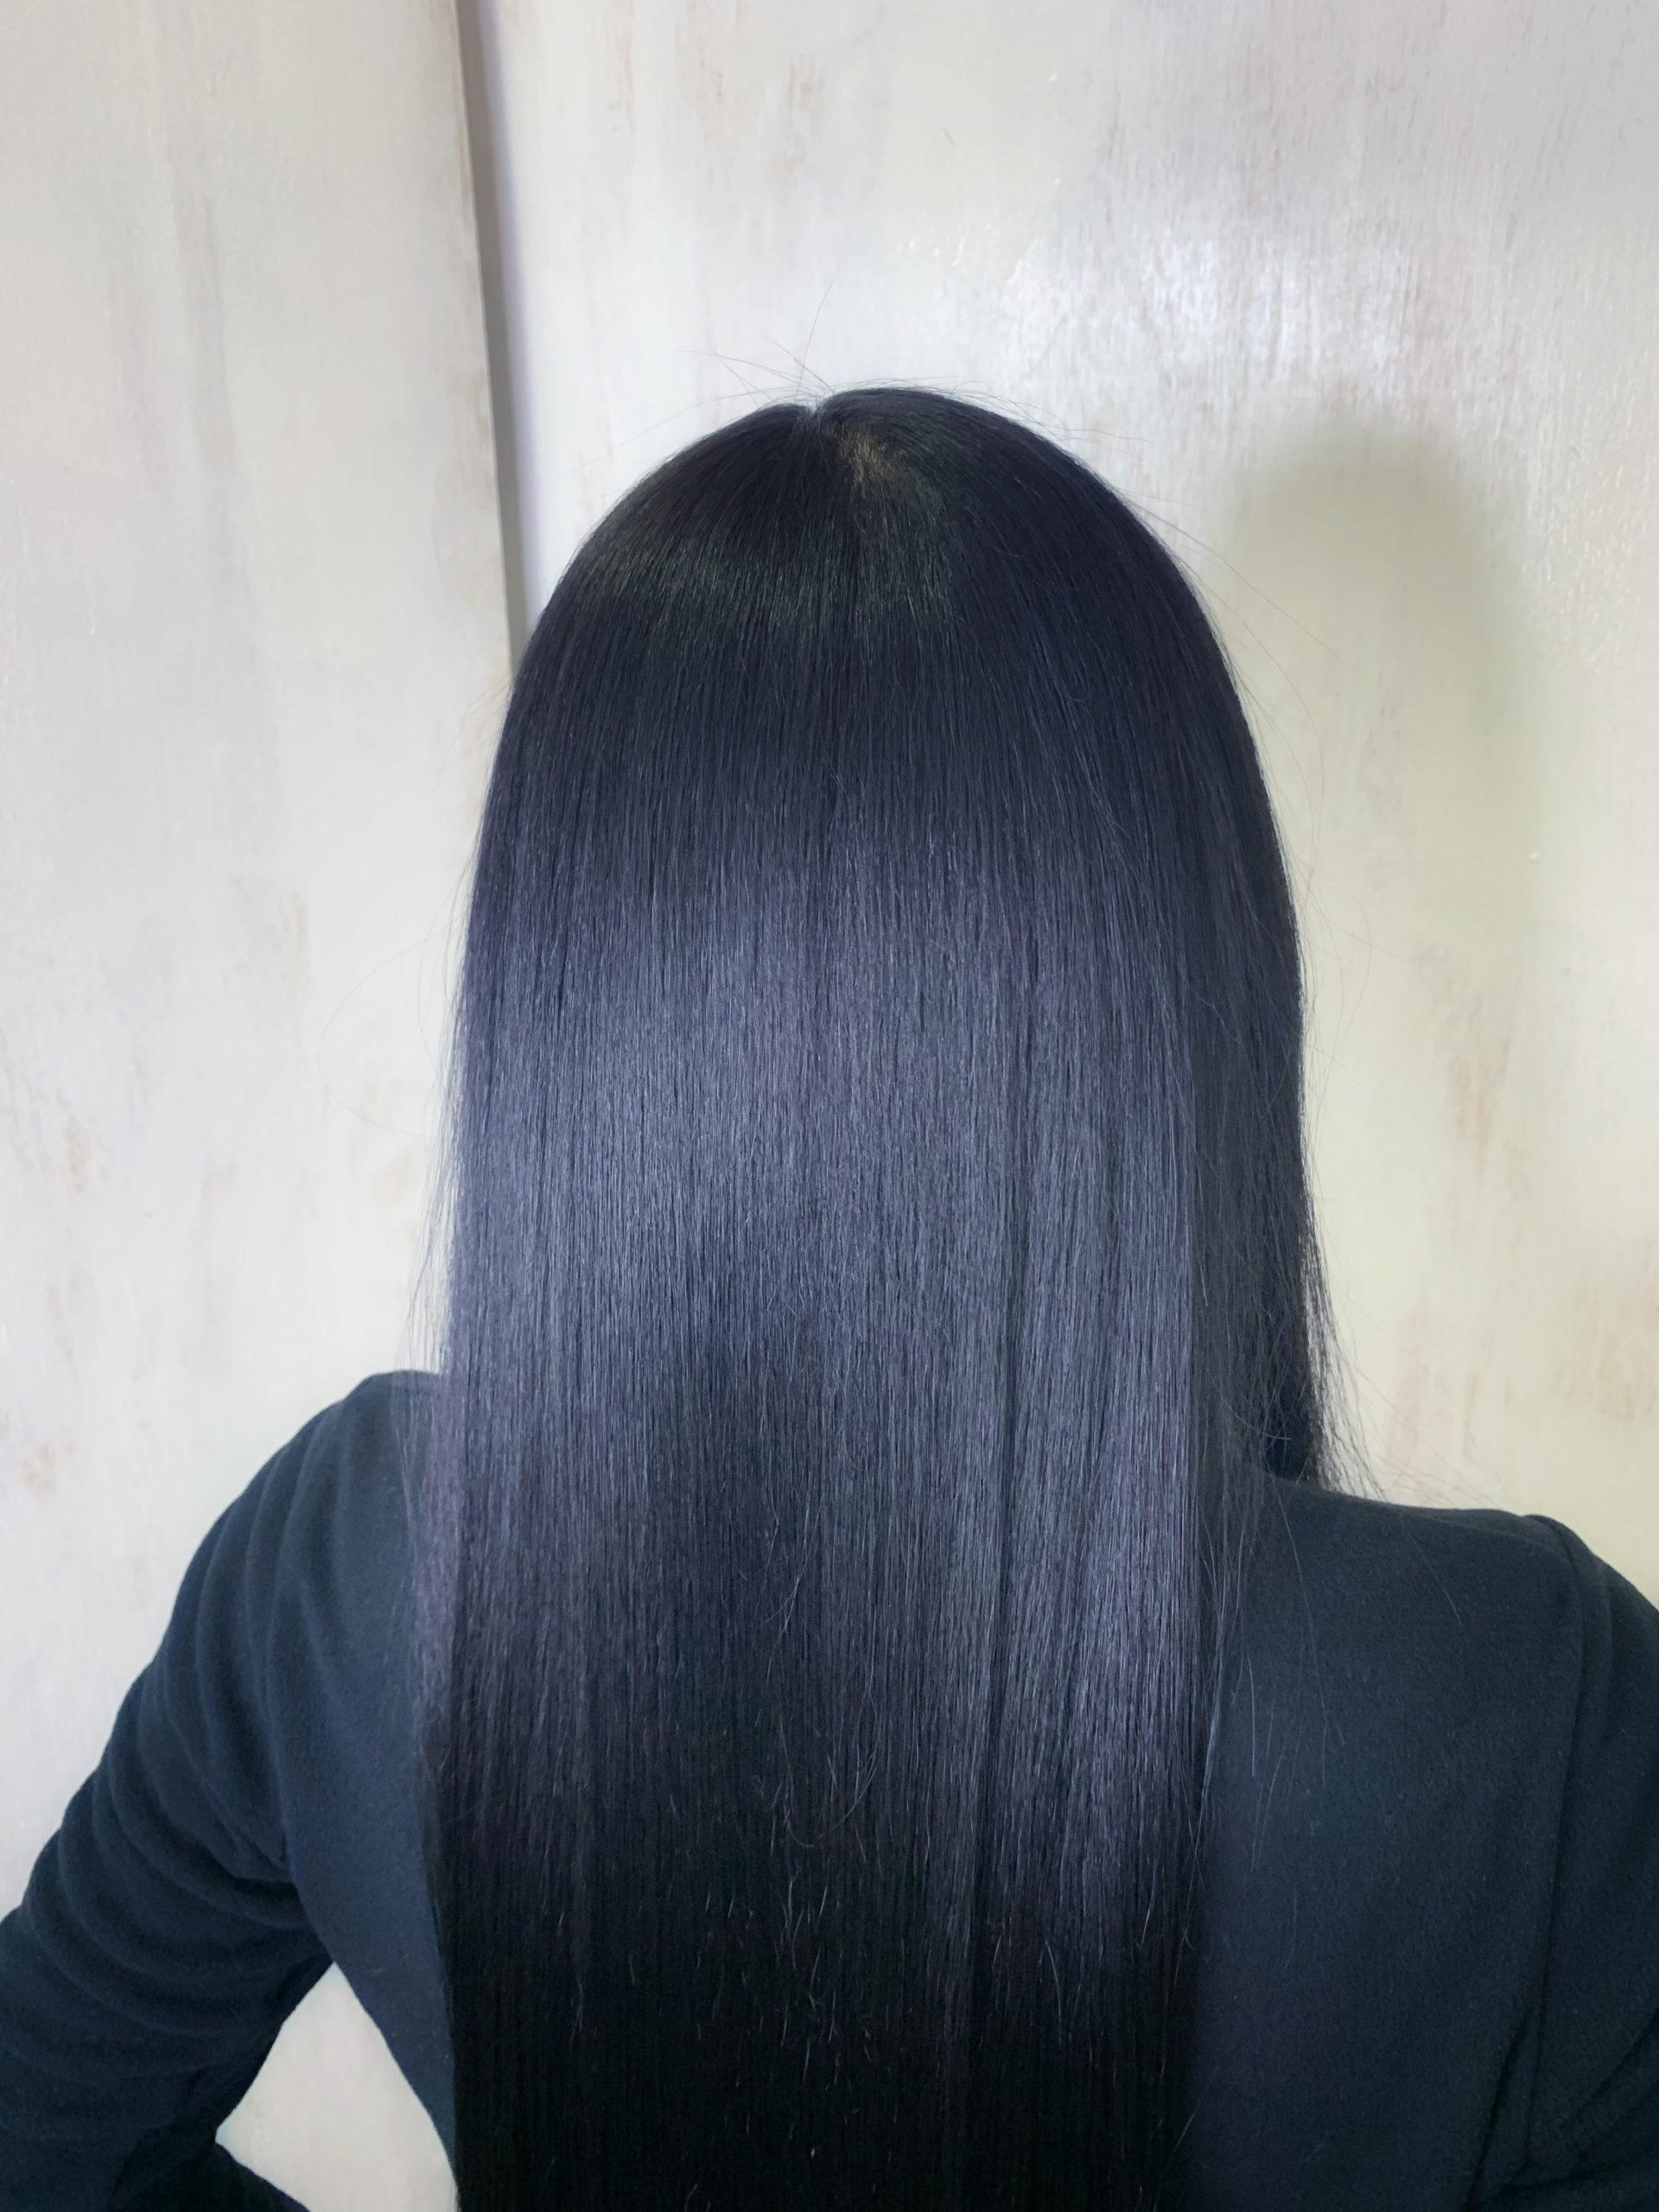 強めのくせ毛の縮毛矯正で艶髪ストレート。原宿・表参道『髪のお悩みを解決するヘアケア美容師の挑戦』